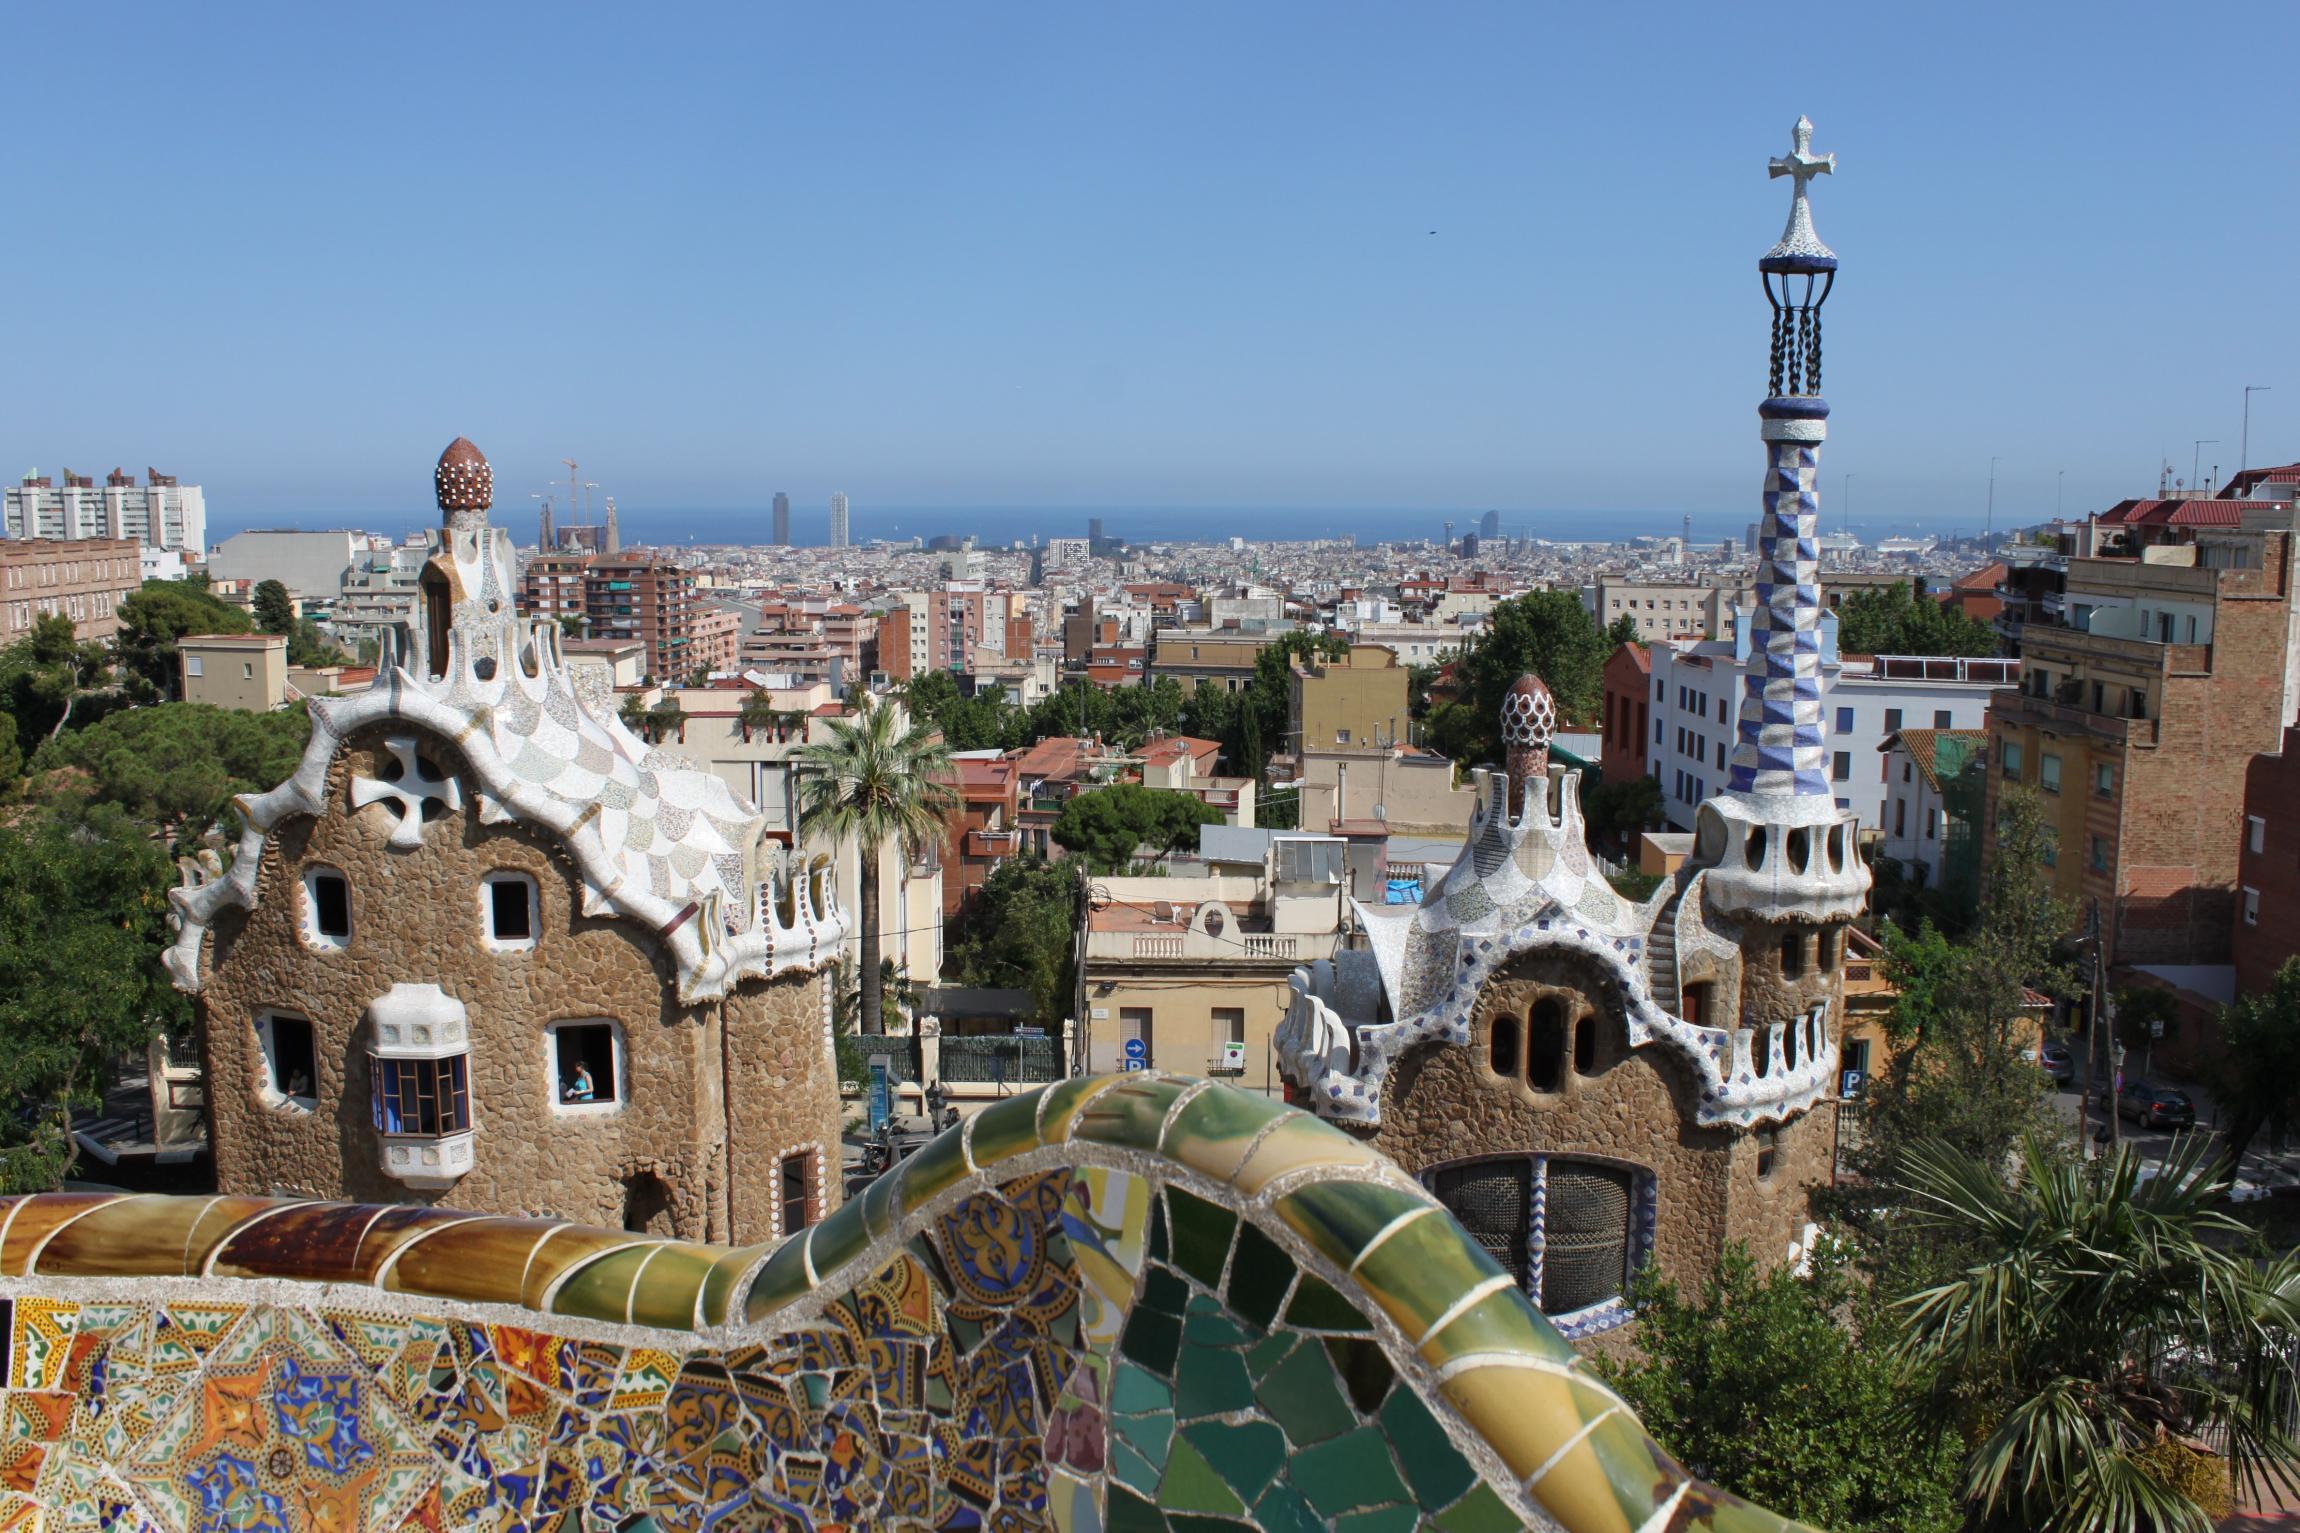 Barcelone en Espagne et le Parc Guell